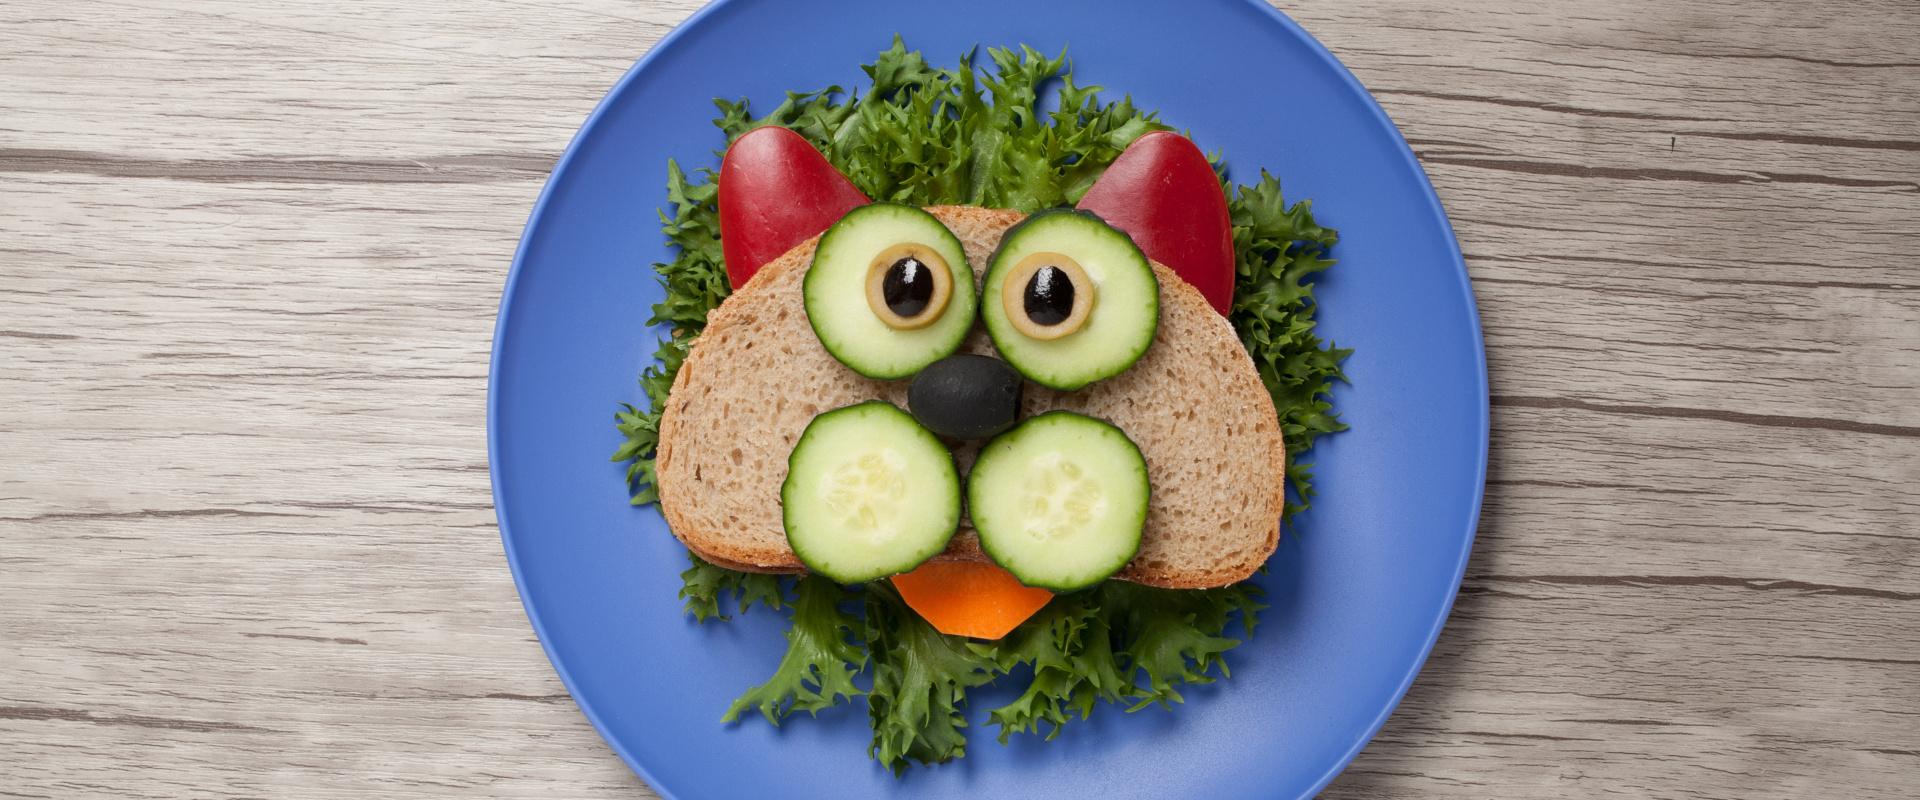 szendvicsoroszlán